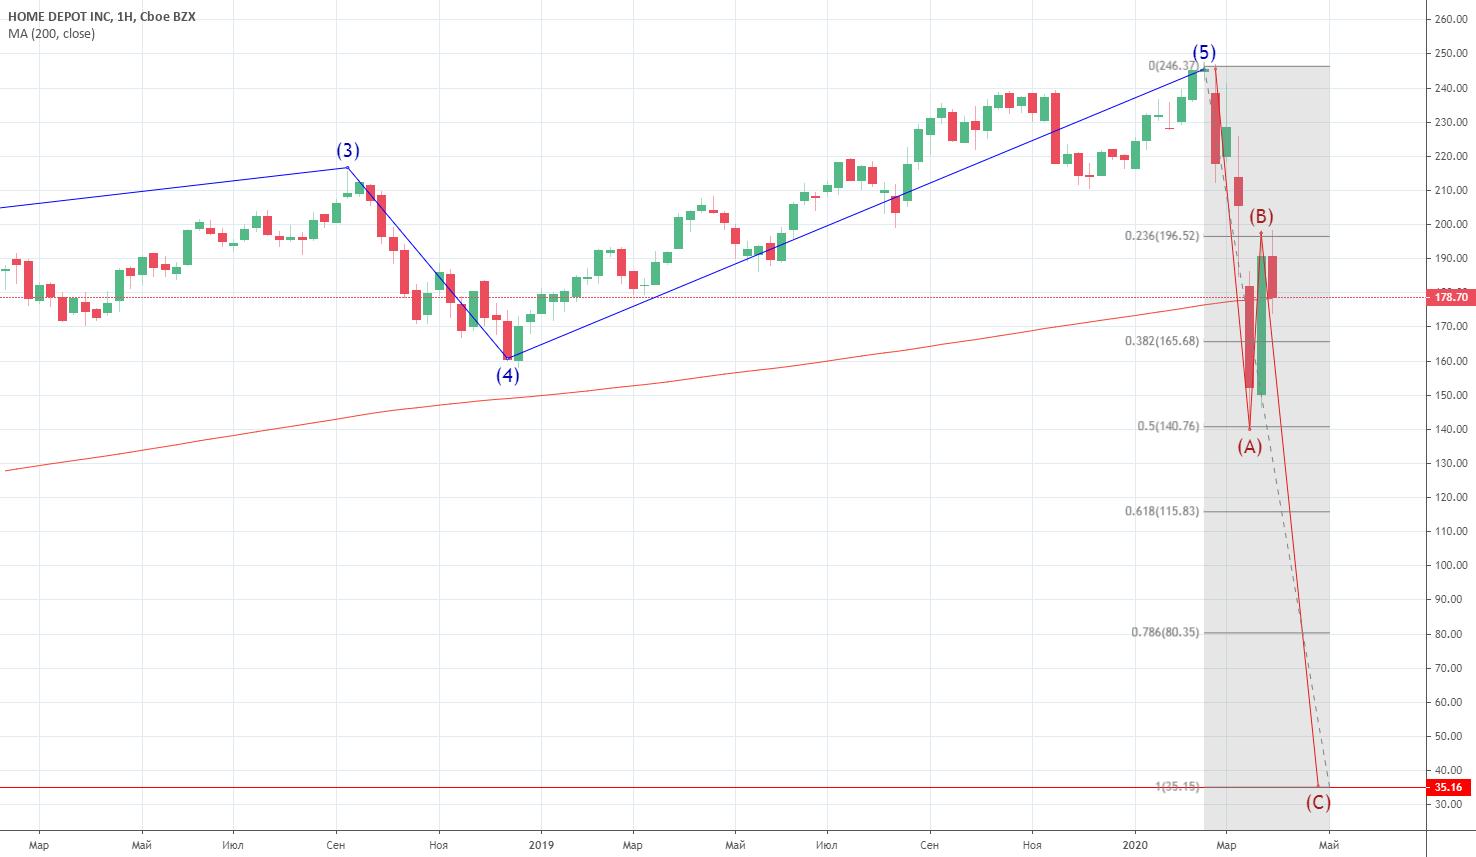 шортанул 191.5. лонгану 35 для NYSE:HD от MAKC73 — TradingView